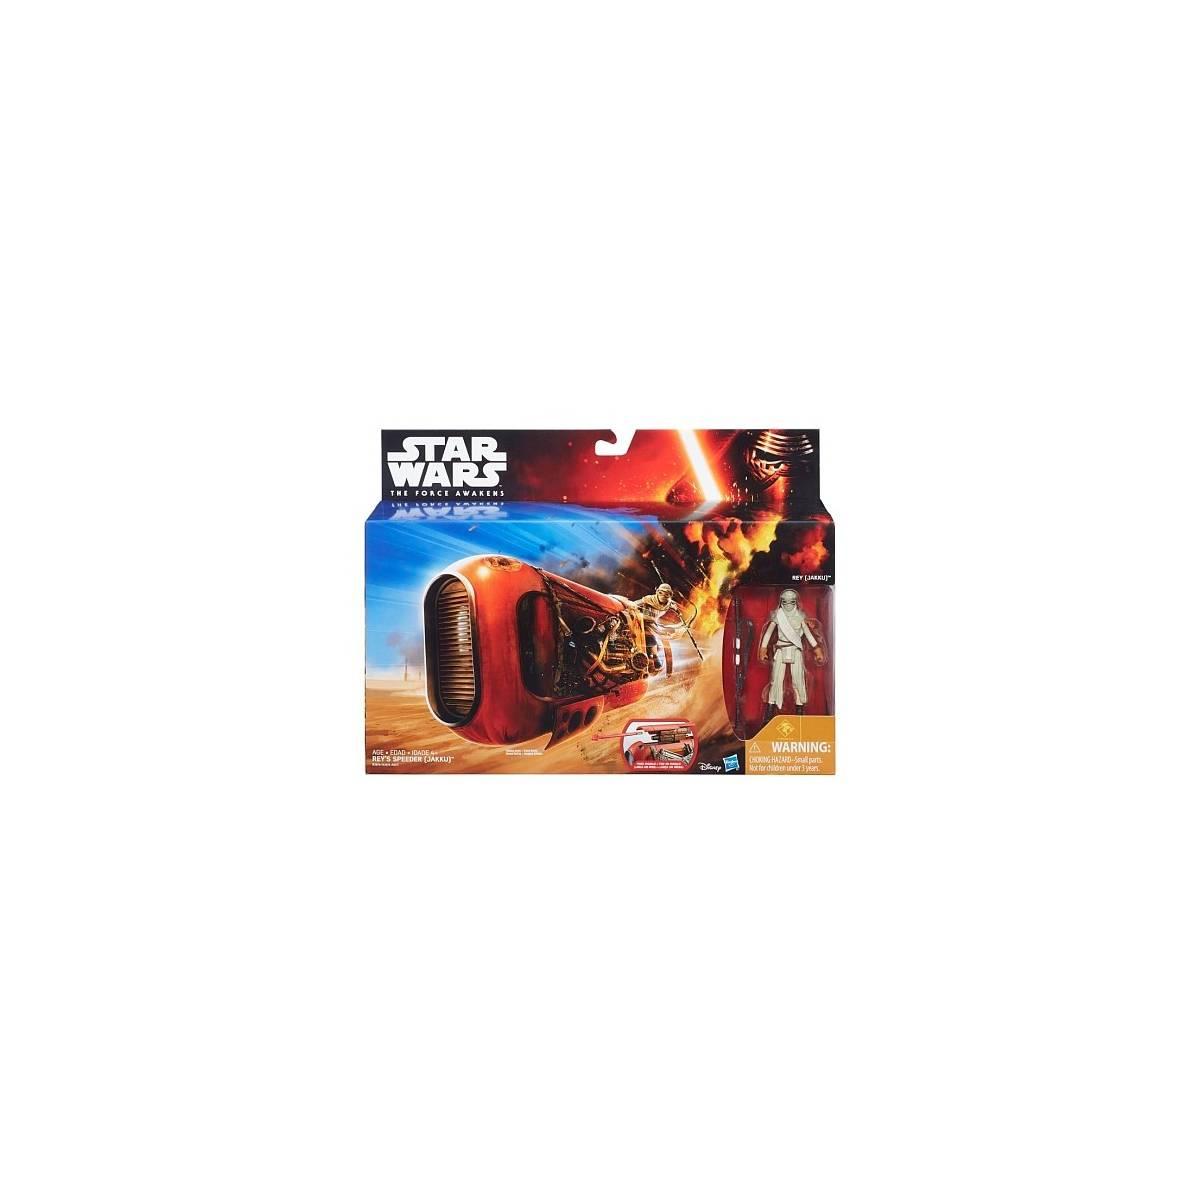 Star Wars - Véhicule - Rey's Speeder - B3676